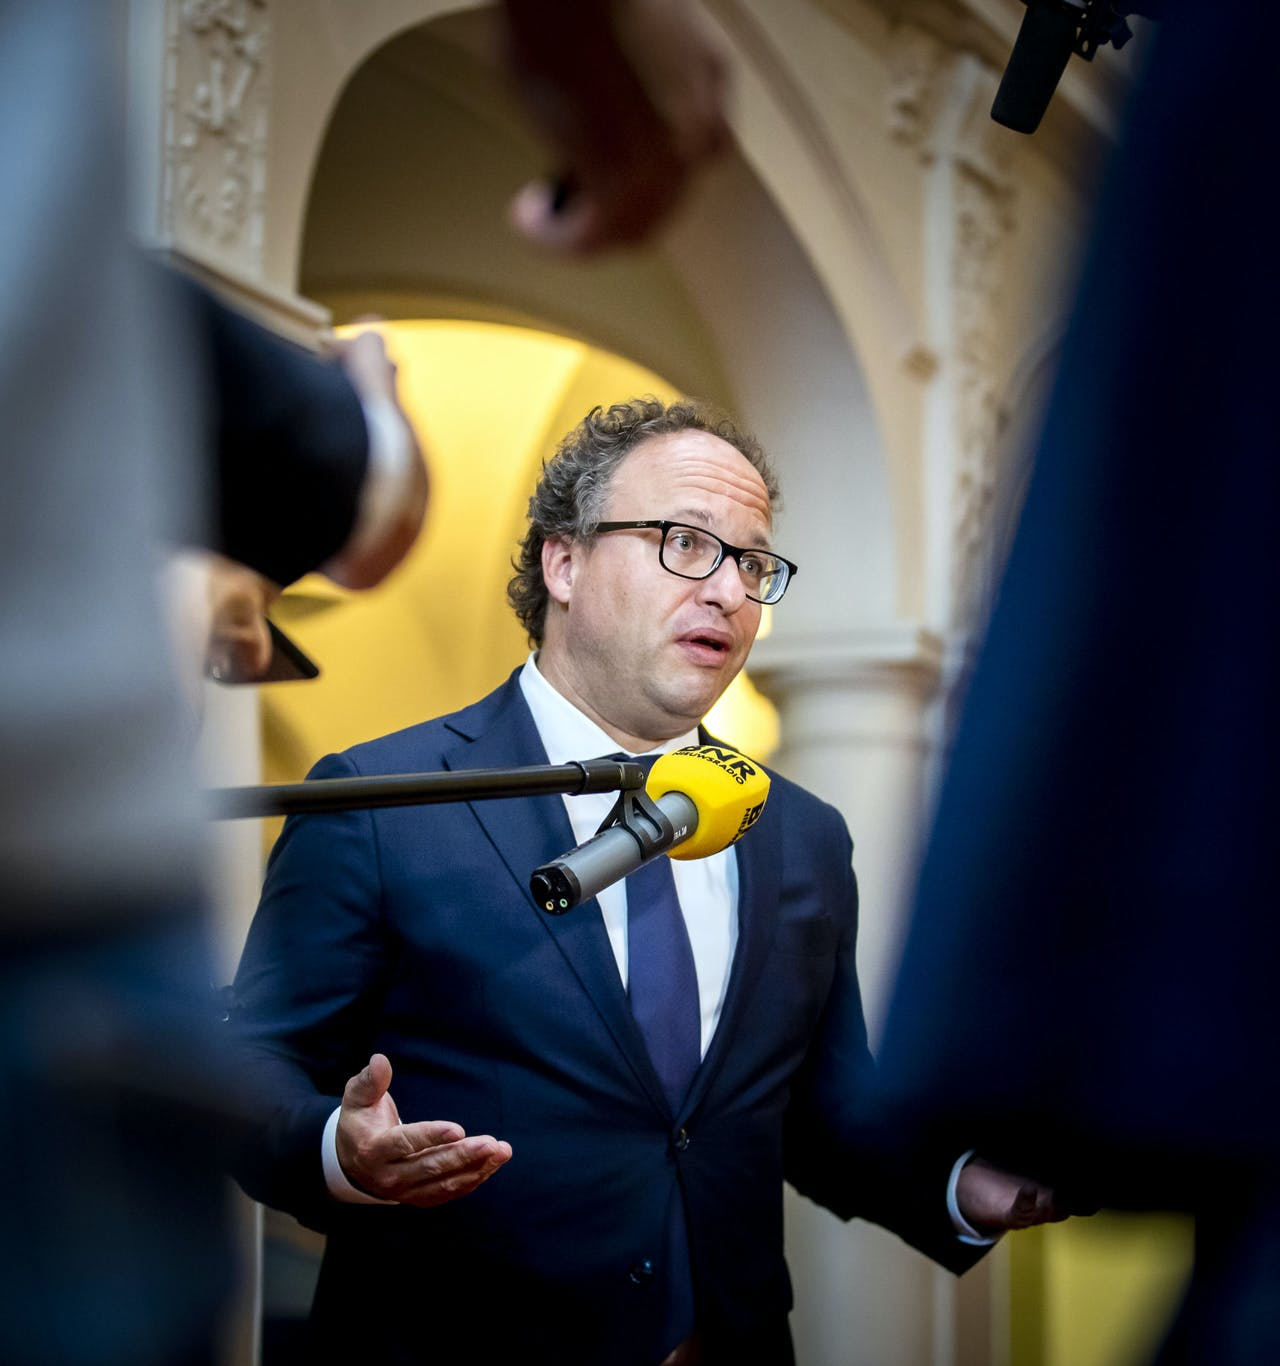 2020-06-19 14:21:34 DEN HAAG - Minister Wouter Koolmees van Sociale Zaken en Werkgelegenheid staat de pers te woord over het besluit van vakbond FNV om de beslissing over het pensioenakkoord uit te stellen. ANP REMKO DE WAAL